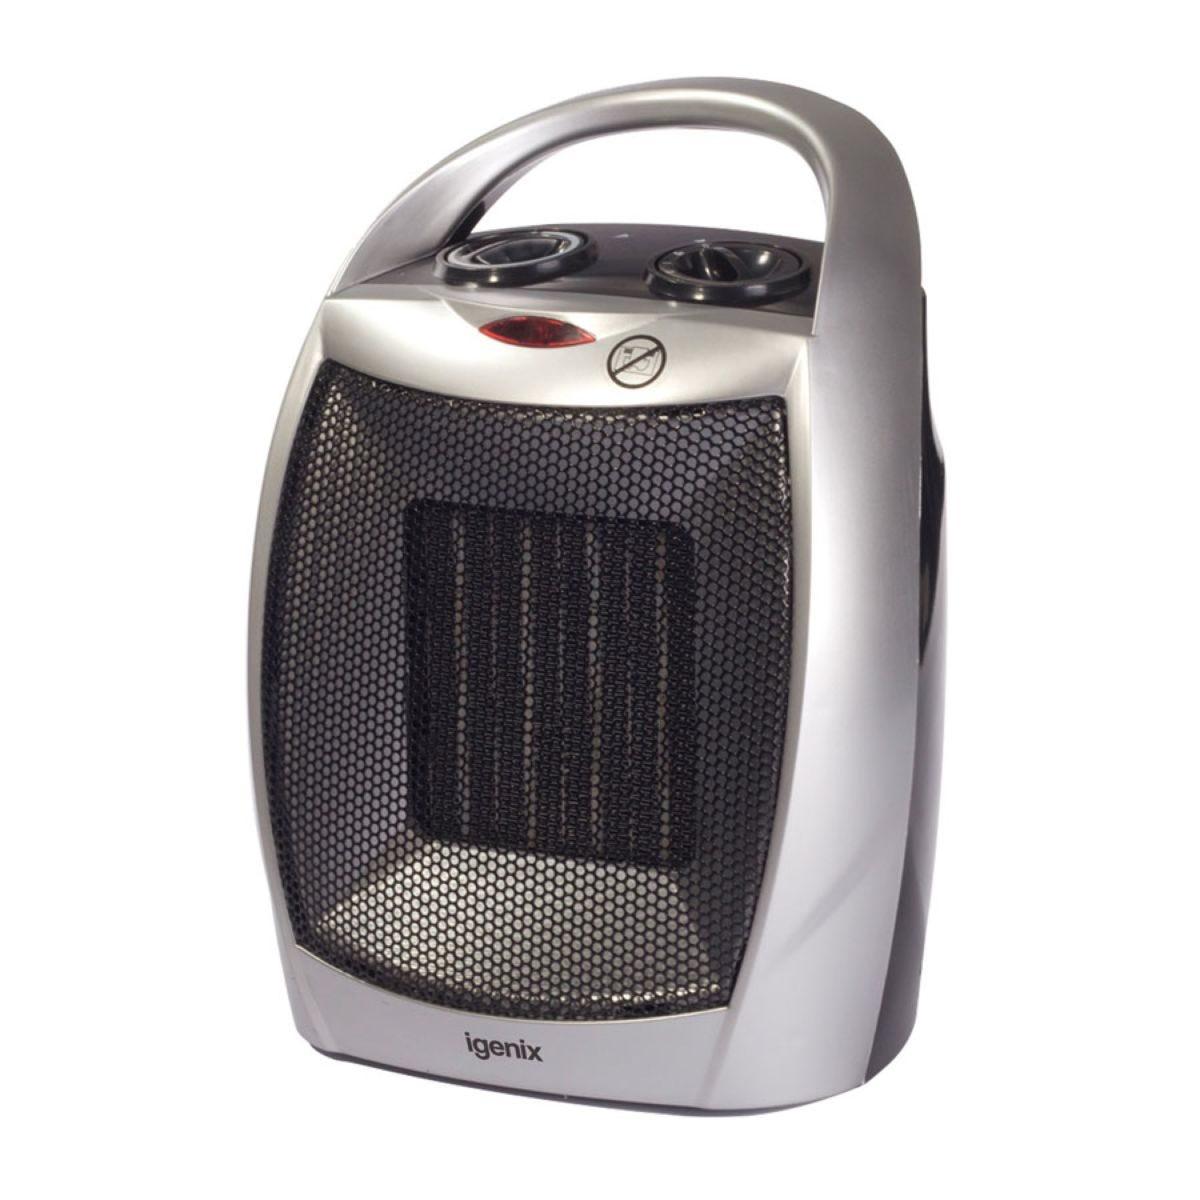 Igenix 1.8kW Ceramic Fan Heater with 2 Heat Settings